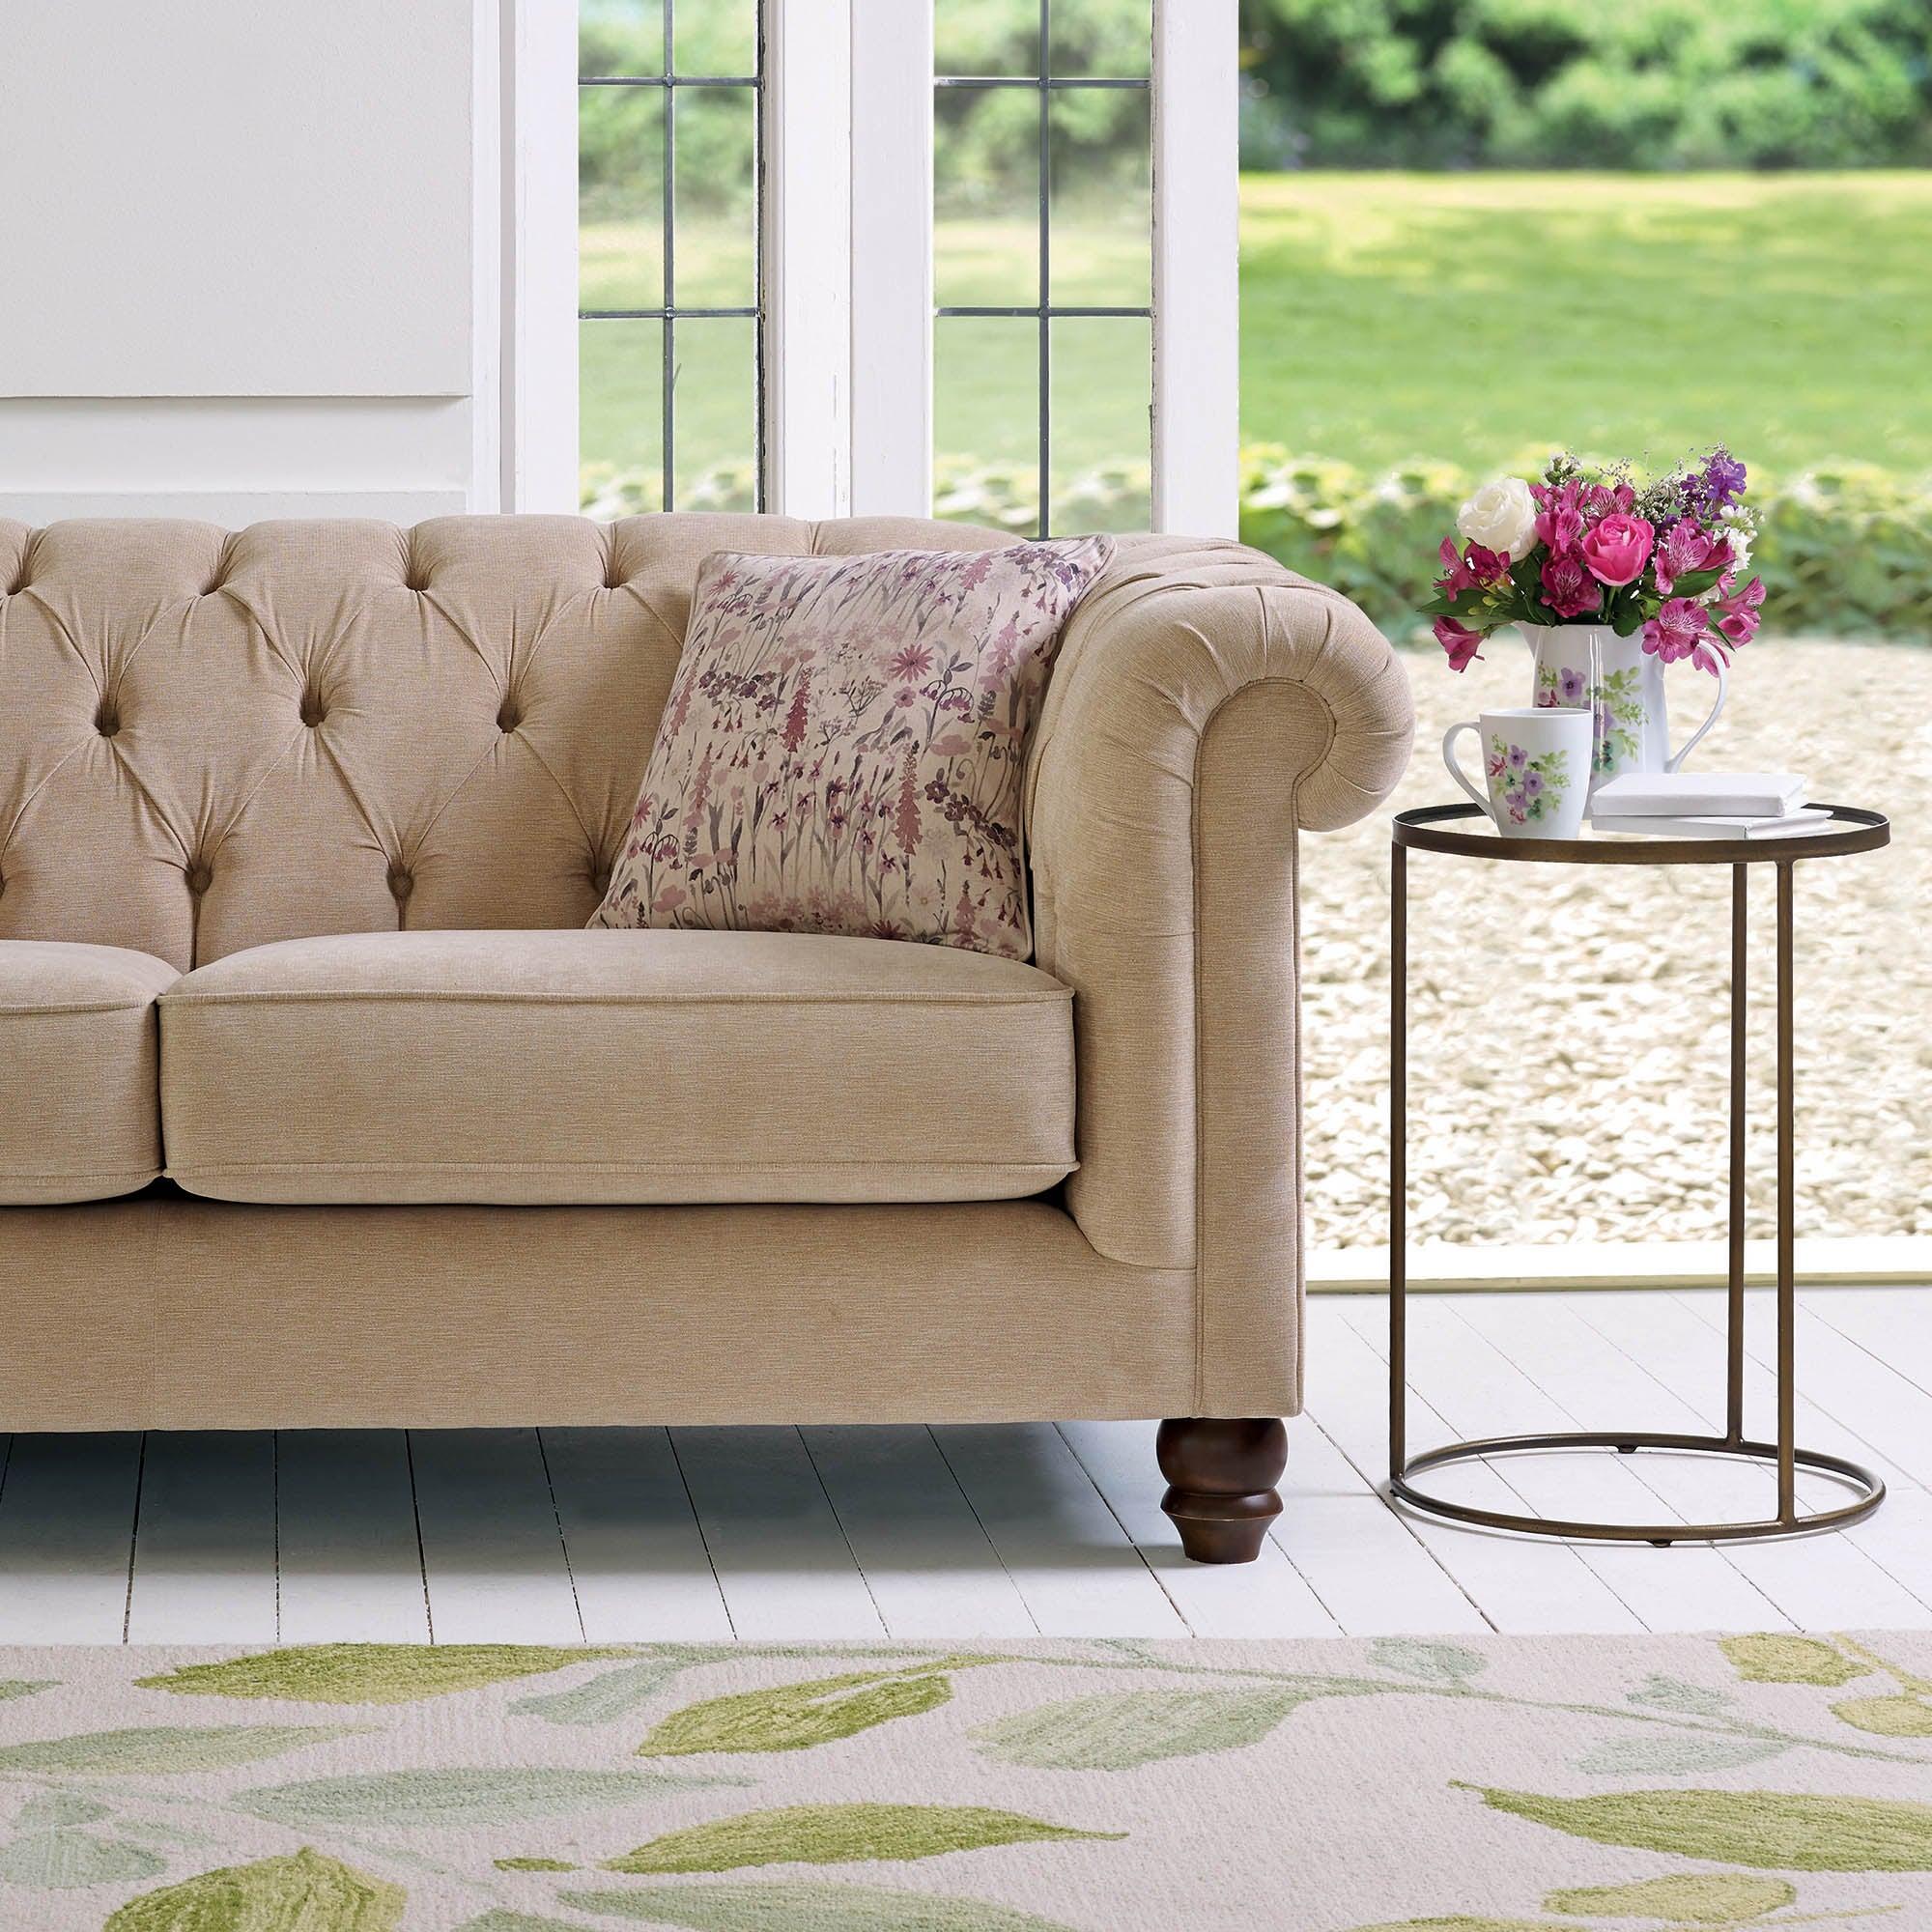 Belgravia Sofa Collection